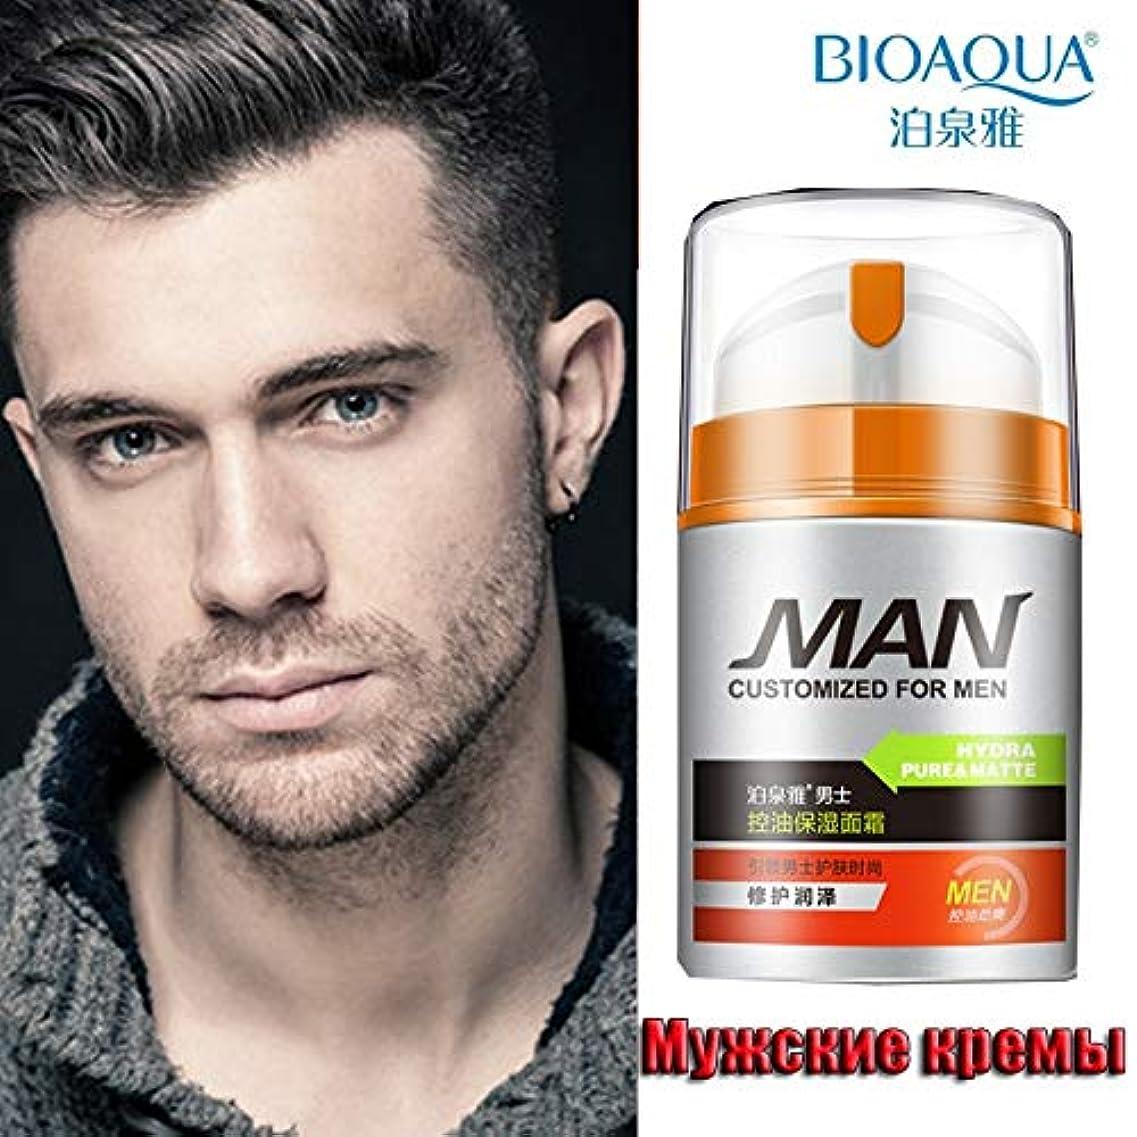 獣より耐久Bioaquaフェイスケアダイナミック男性保湿クリーム保湿アンチリンクルモイスチャライジングミルク男性ケア製品